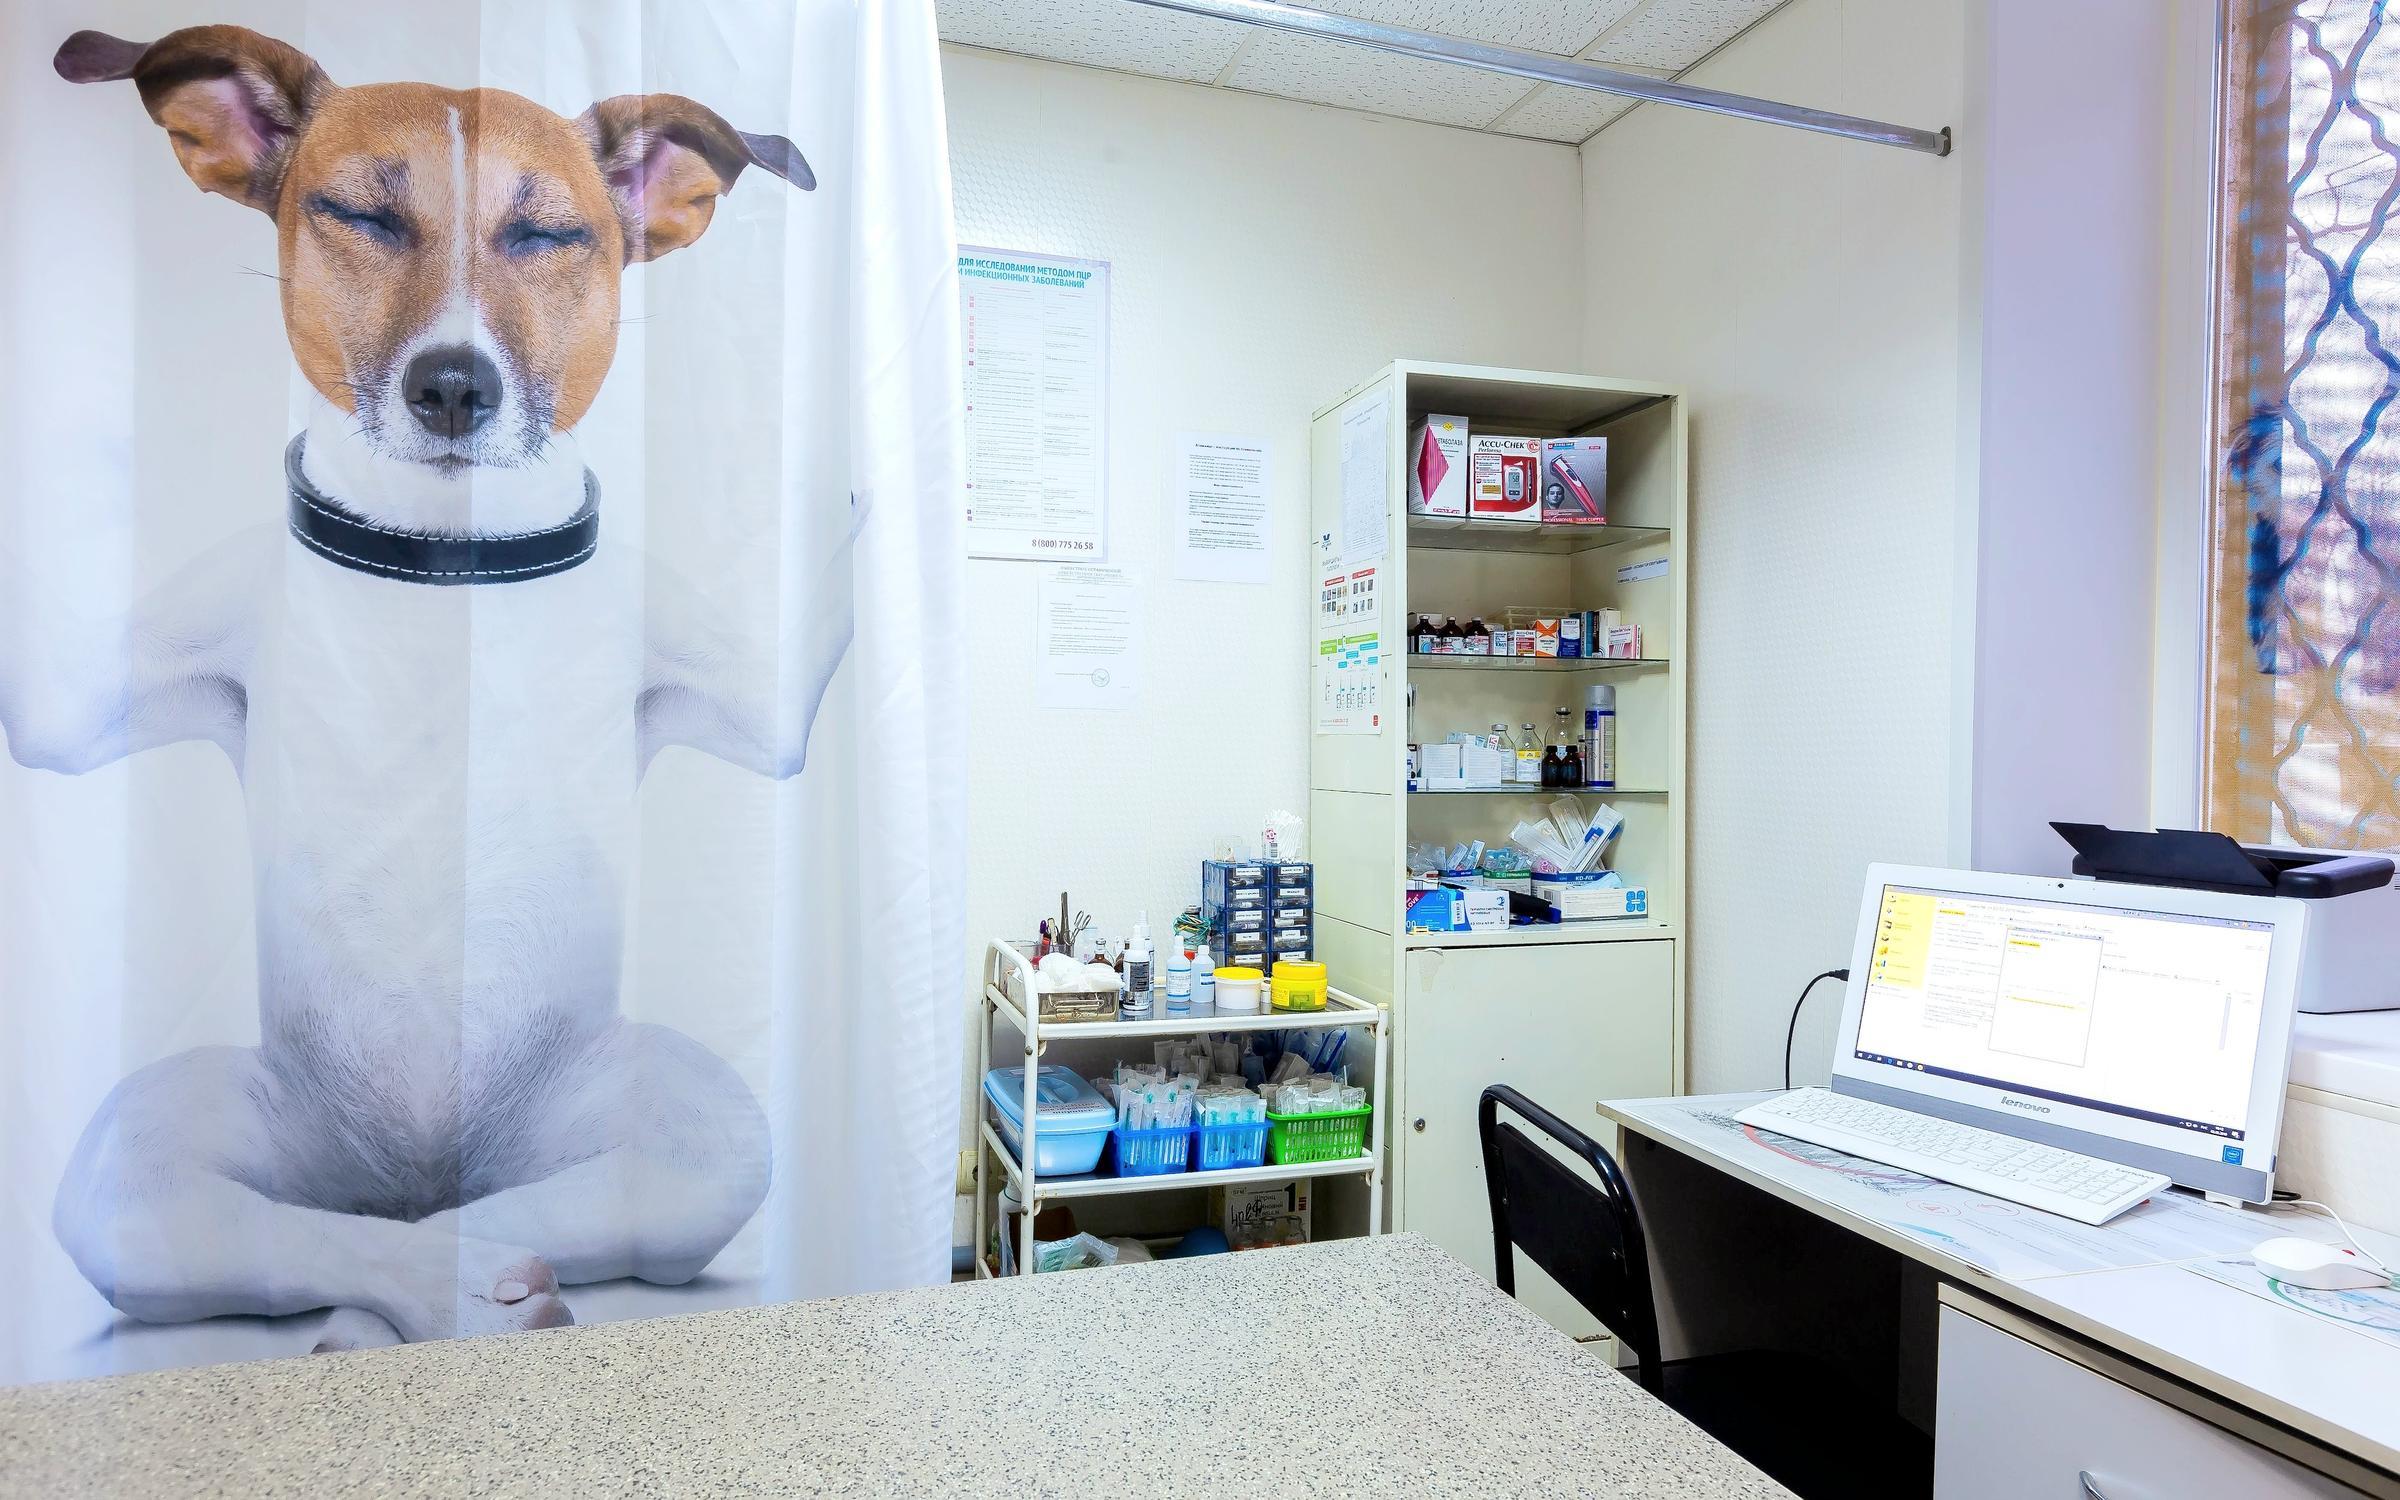 фотография Ветеринарной клиники Ваш Добрый Доктор в Погонном проезде, 1 к 9